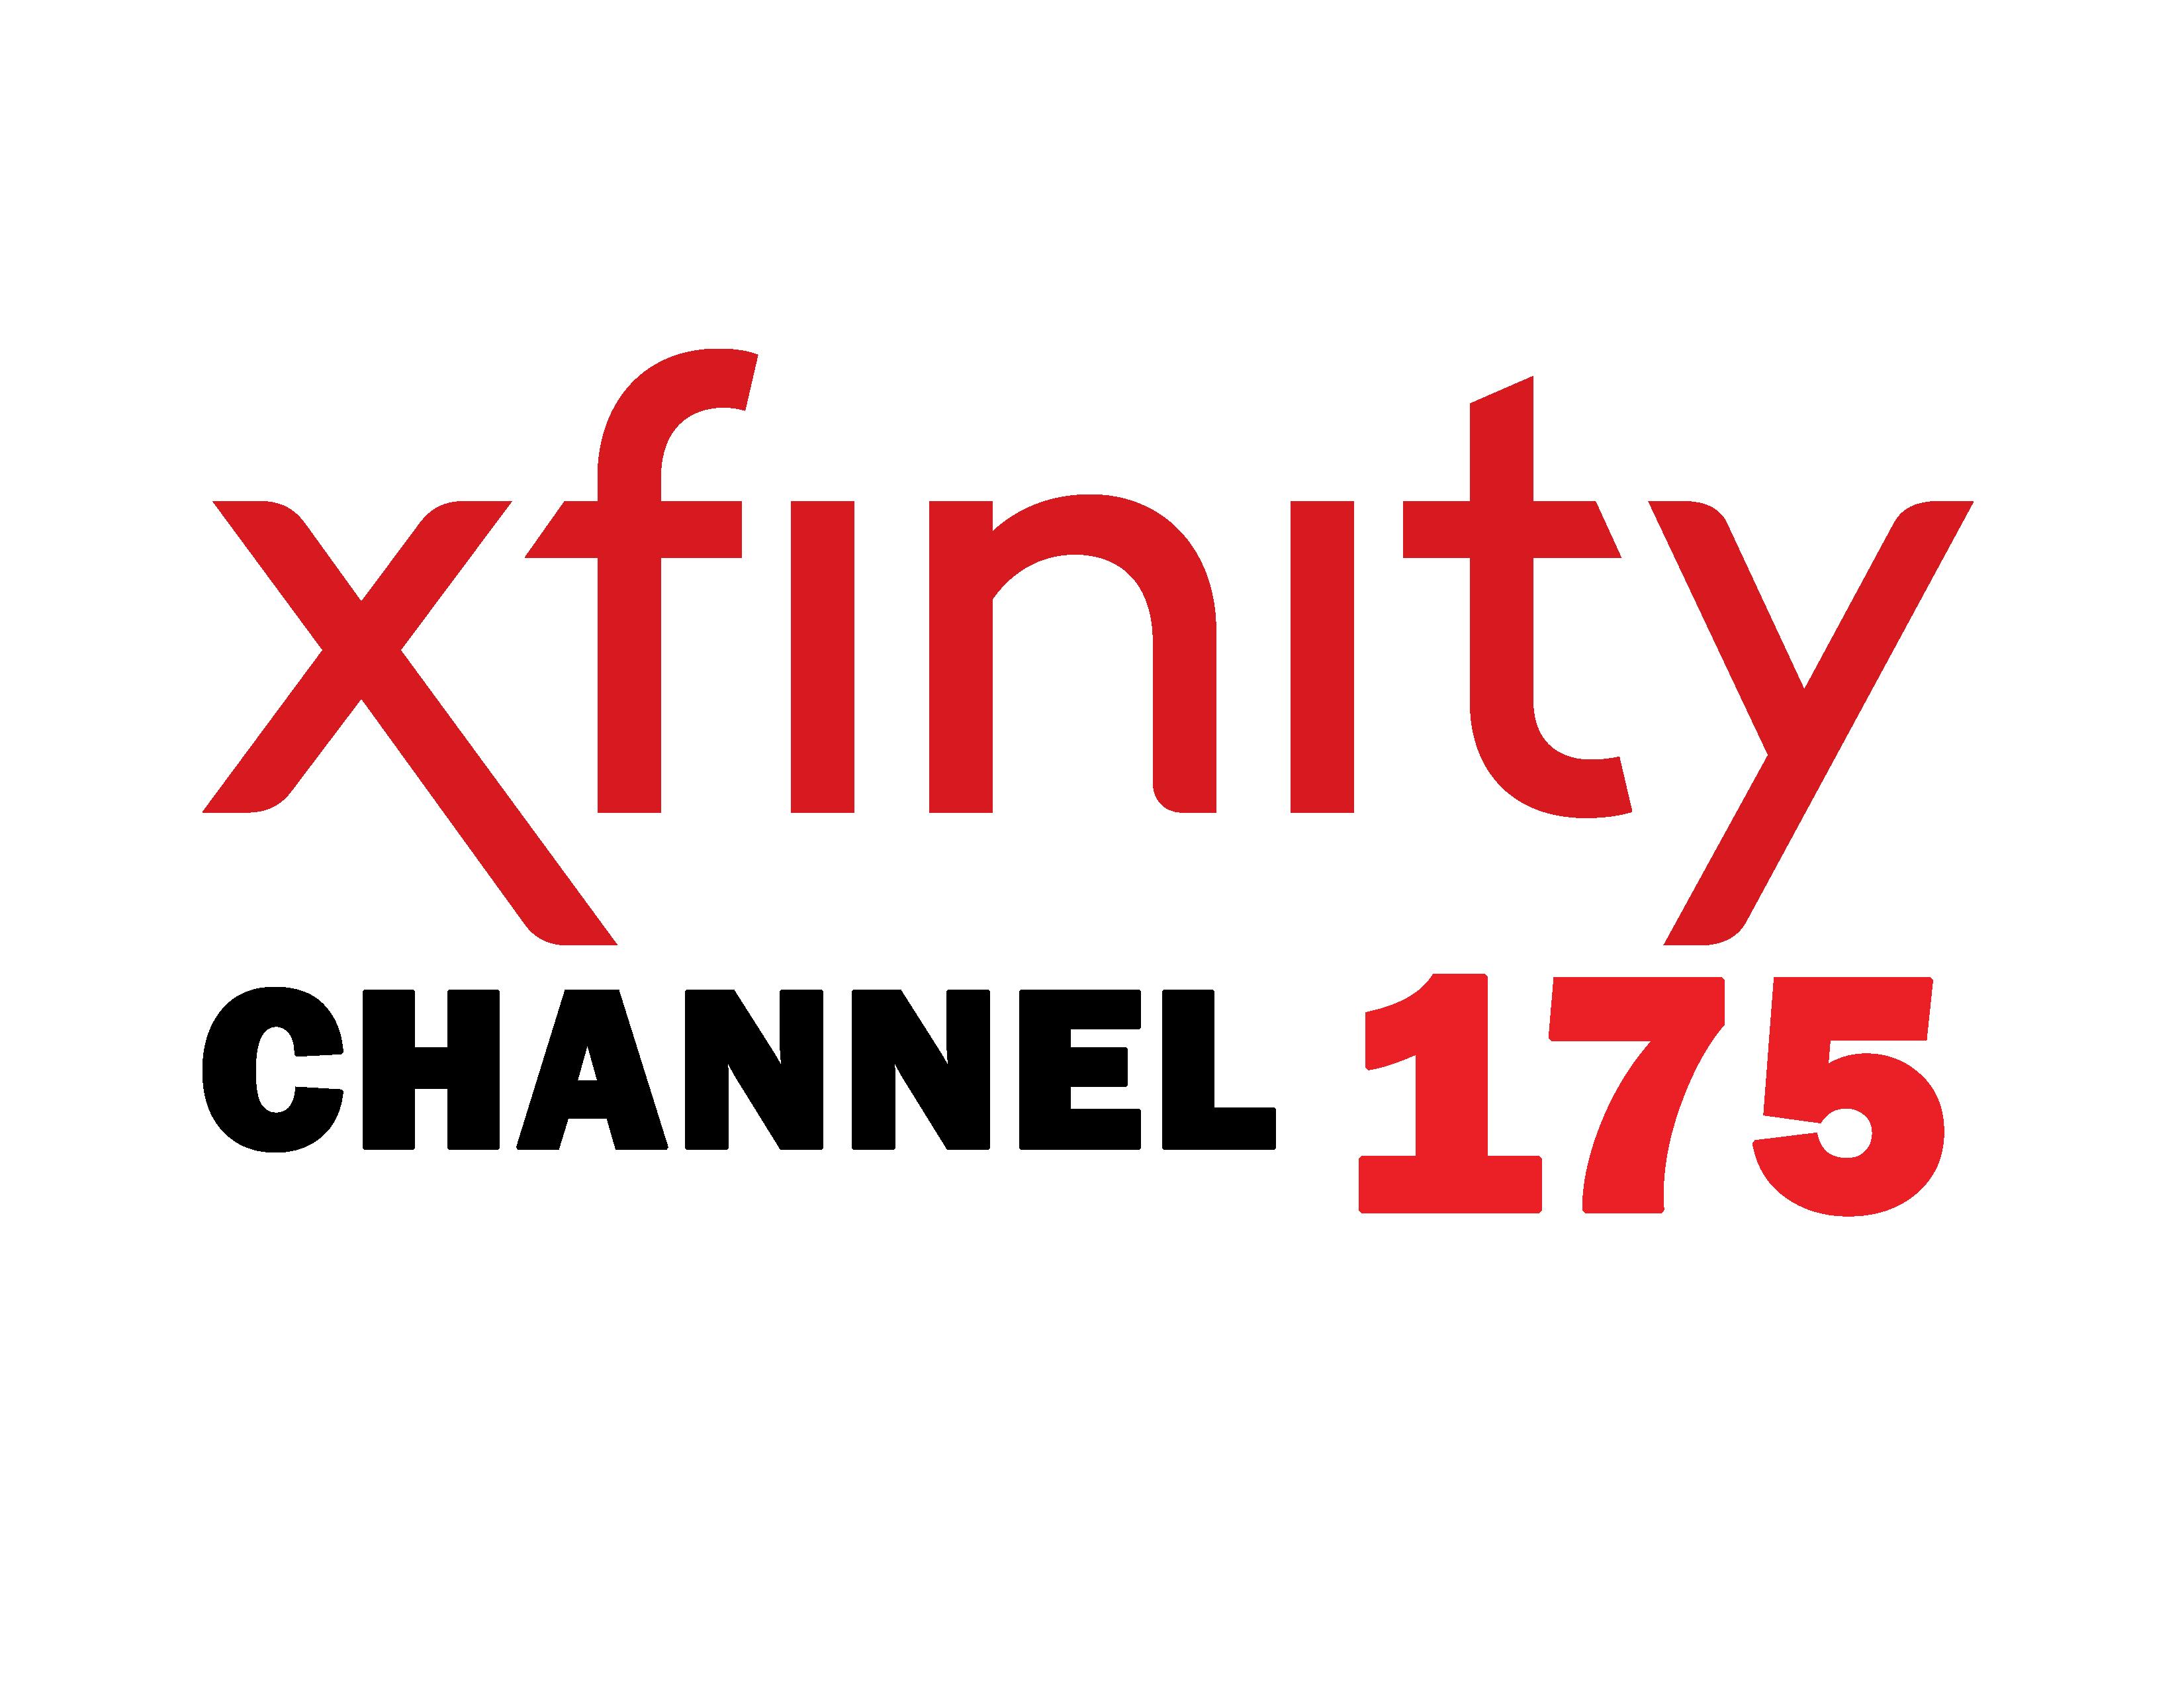 Xfinity Ch. 175